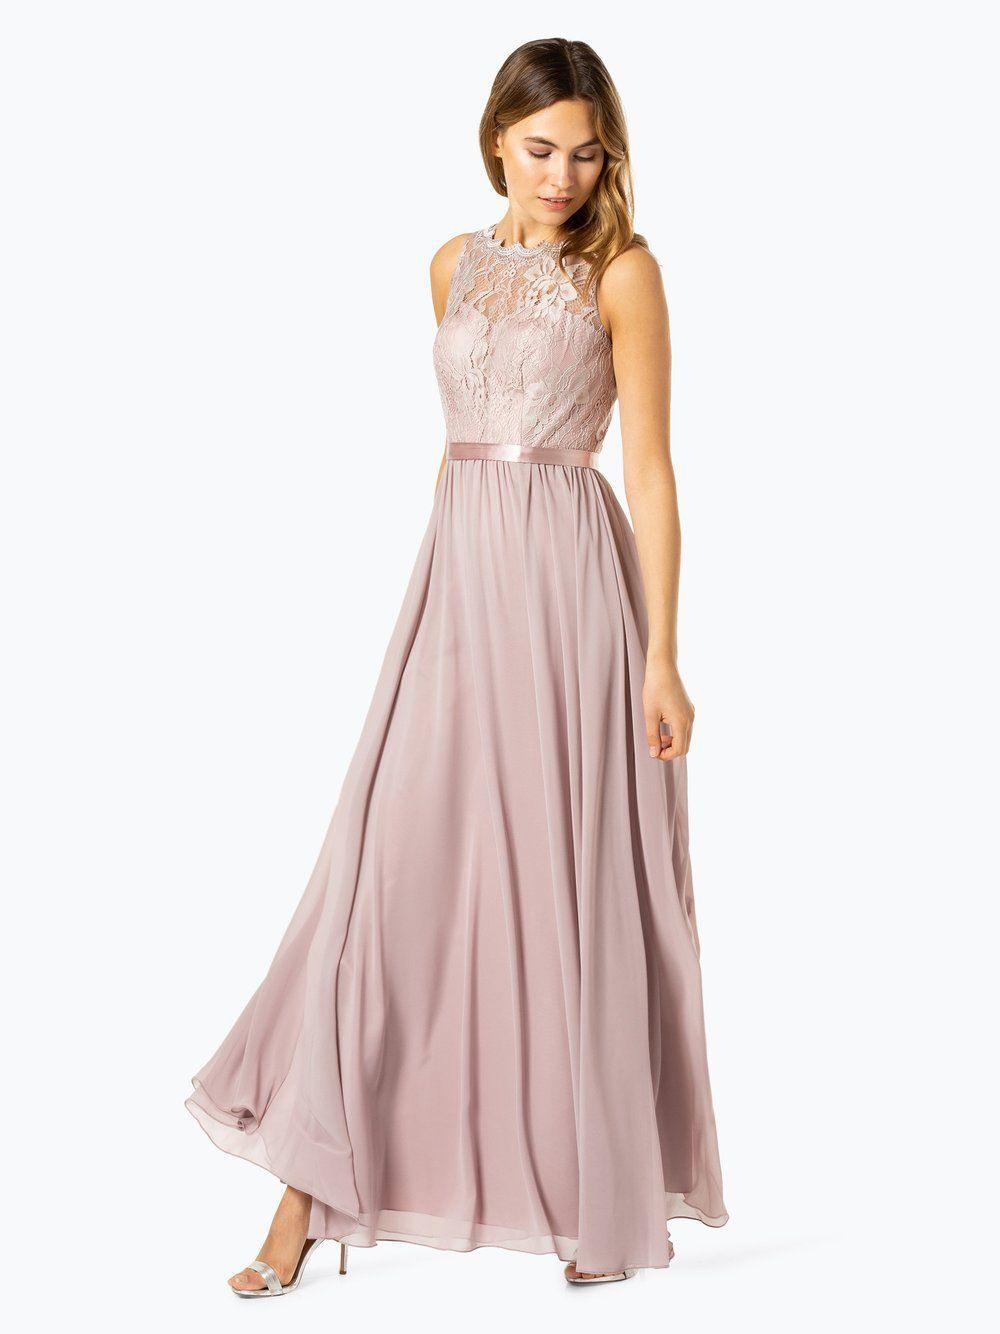 Kleider Für Hochzeit Online Bestellen - Abendkleid